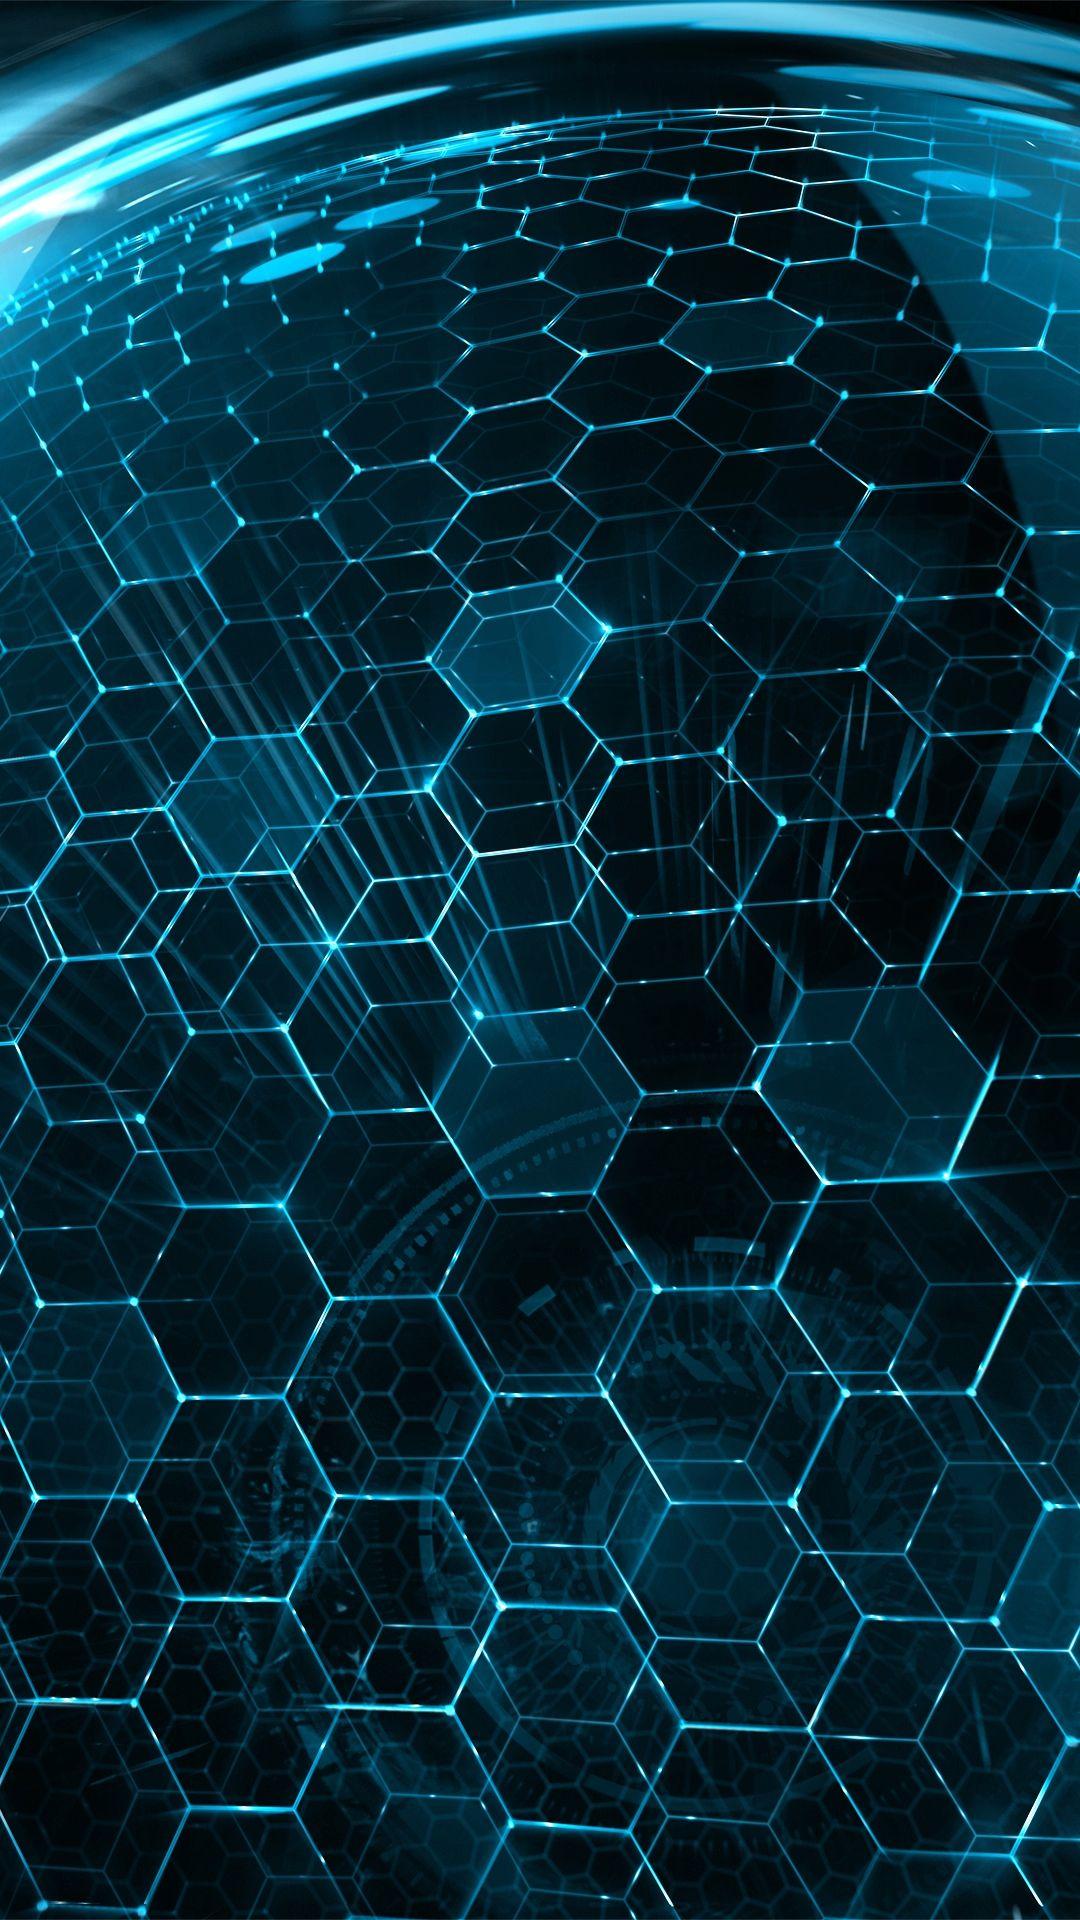 Wallpaper Honeycomb